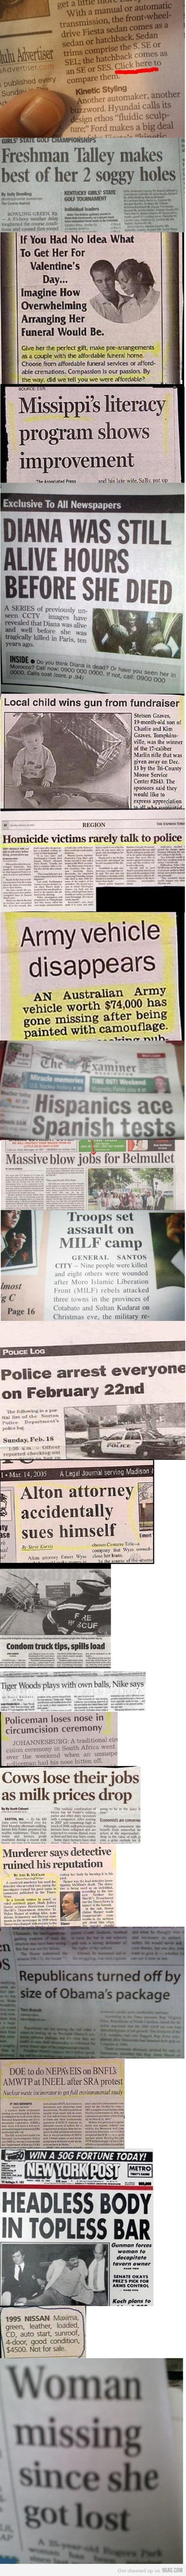 News headline fails